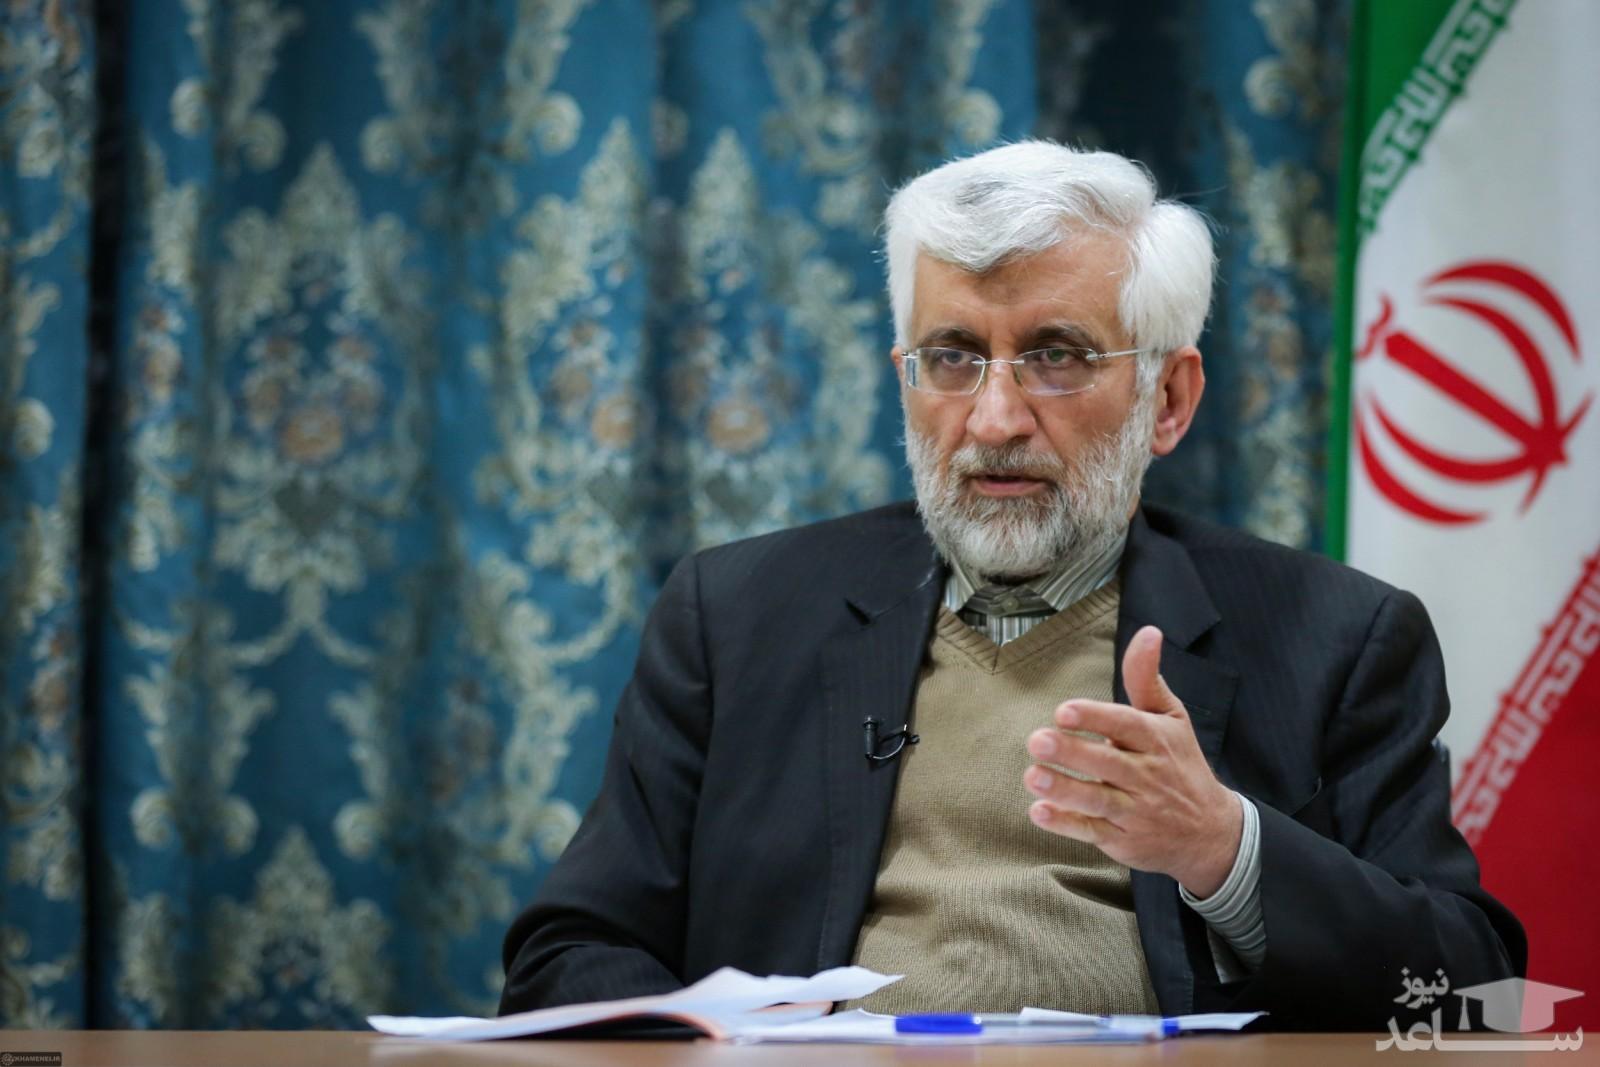 انتقاد شدید سعید جلیلی از دولت روحانی و مذاکرات وین